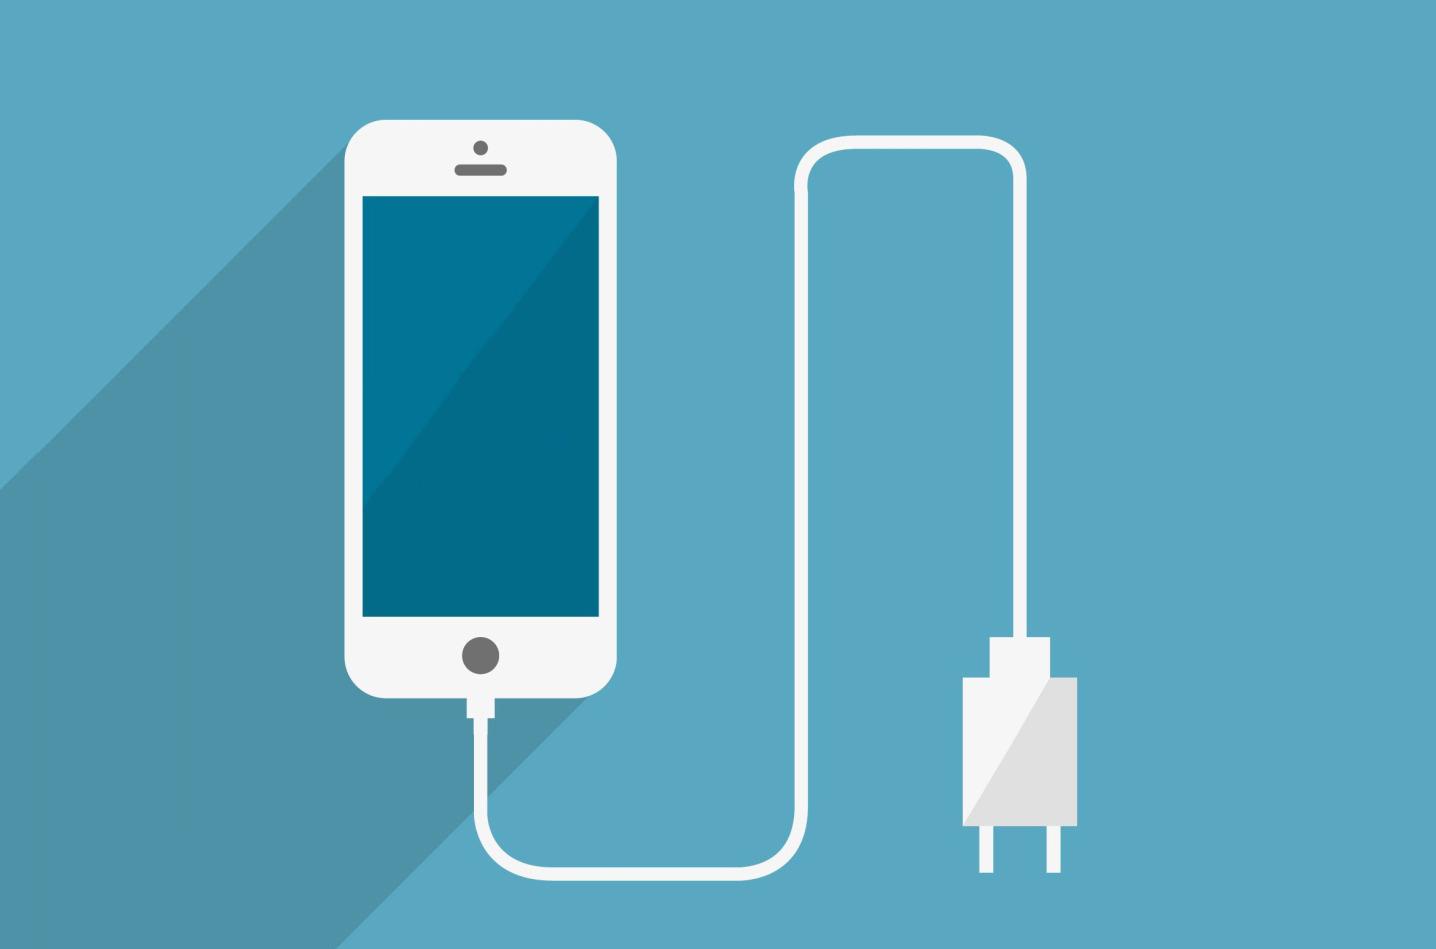 核心投资逻辑生变 基金紧盯手机产业链二次成长